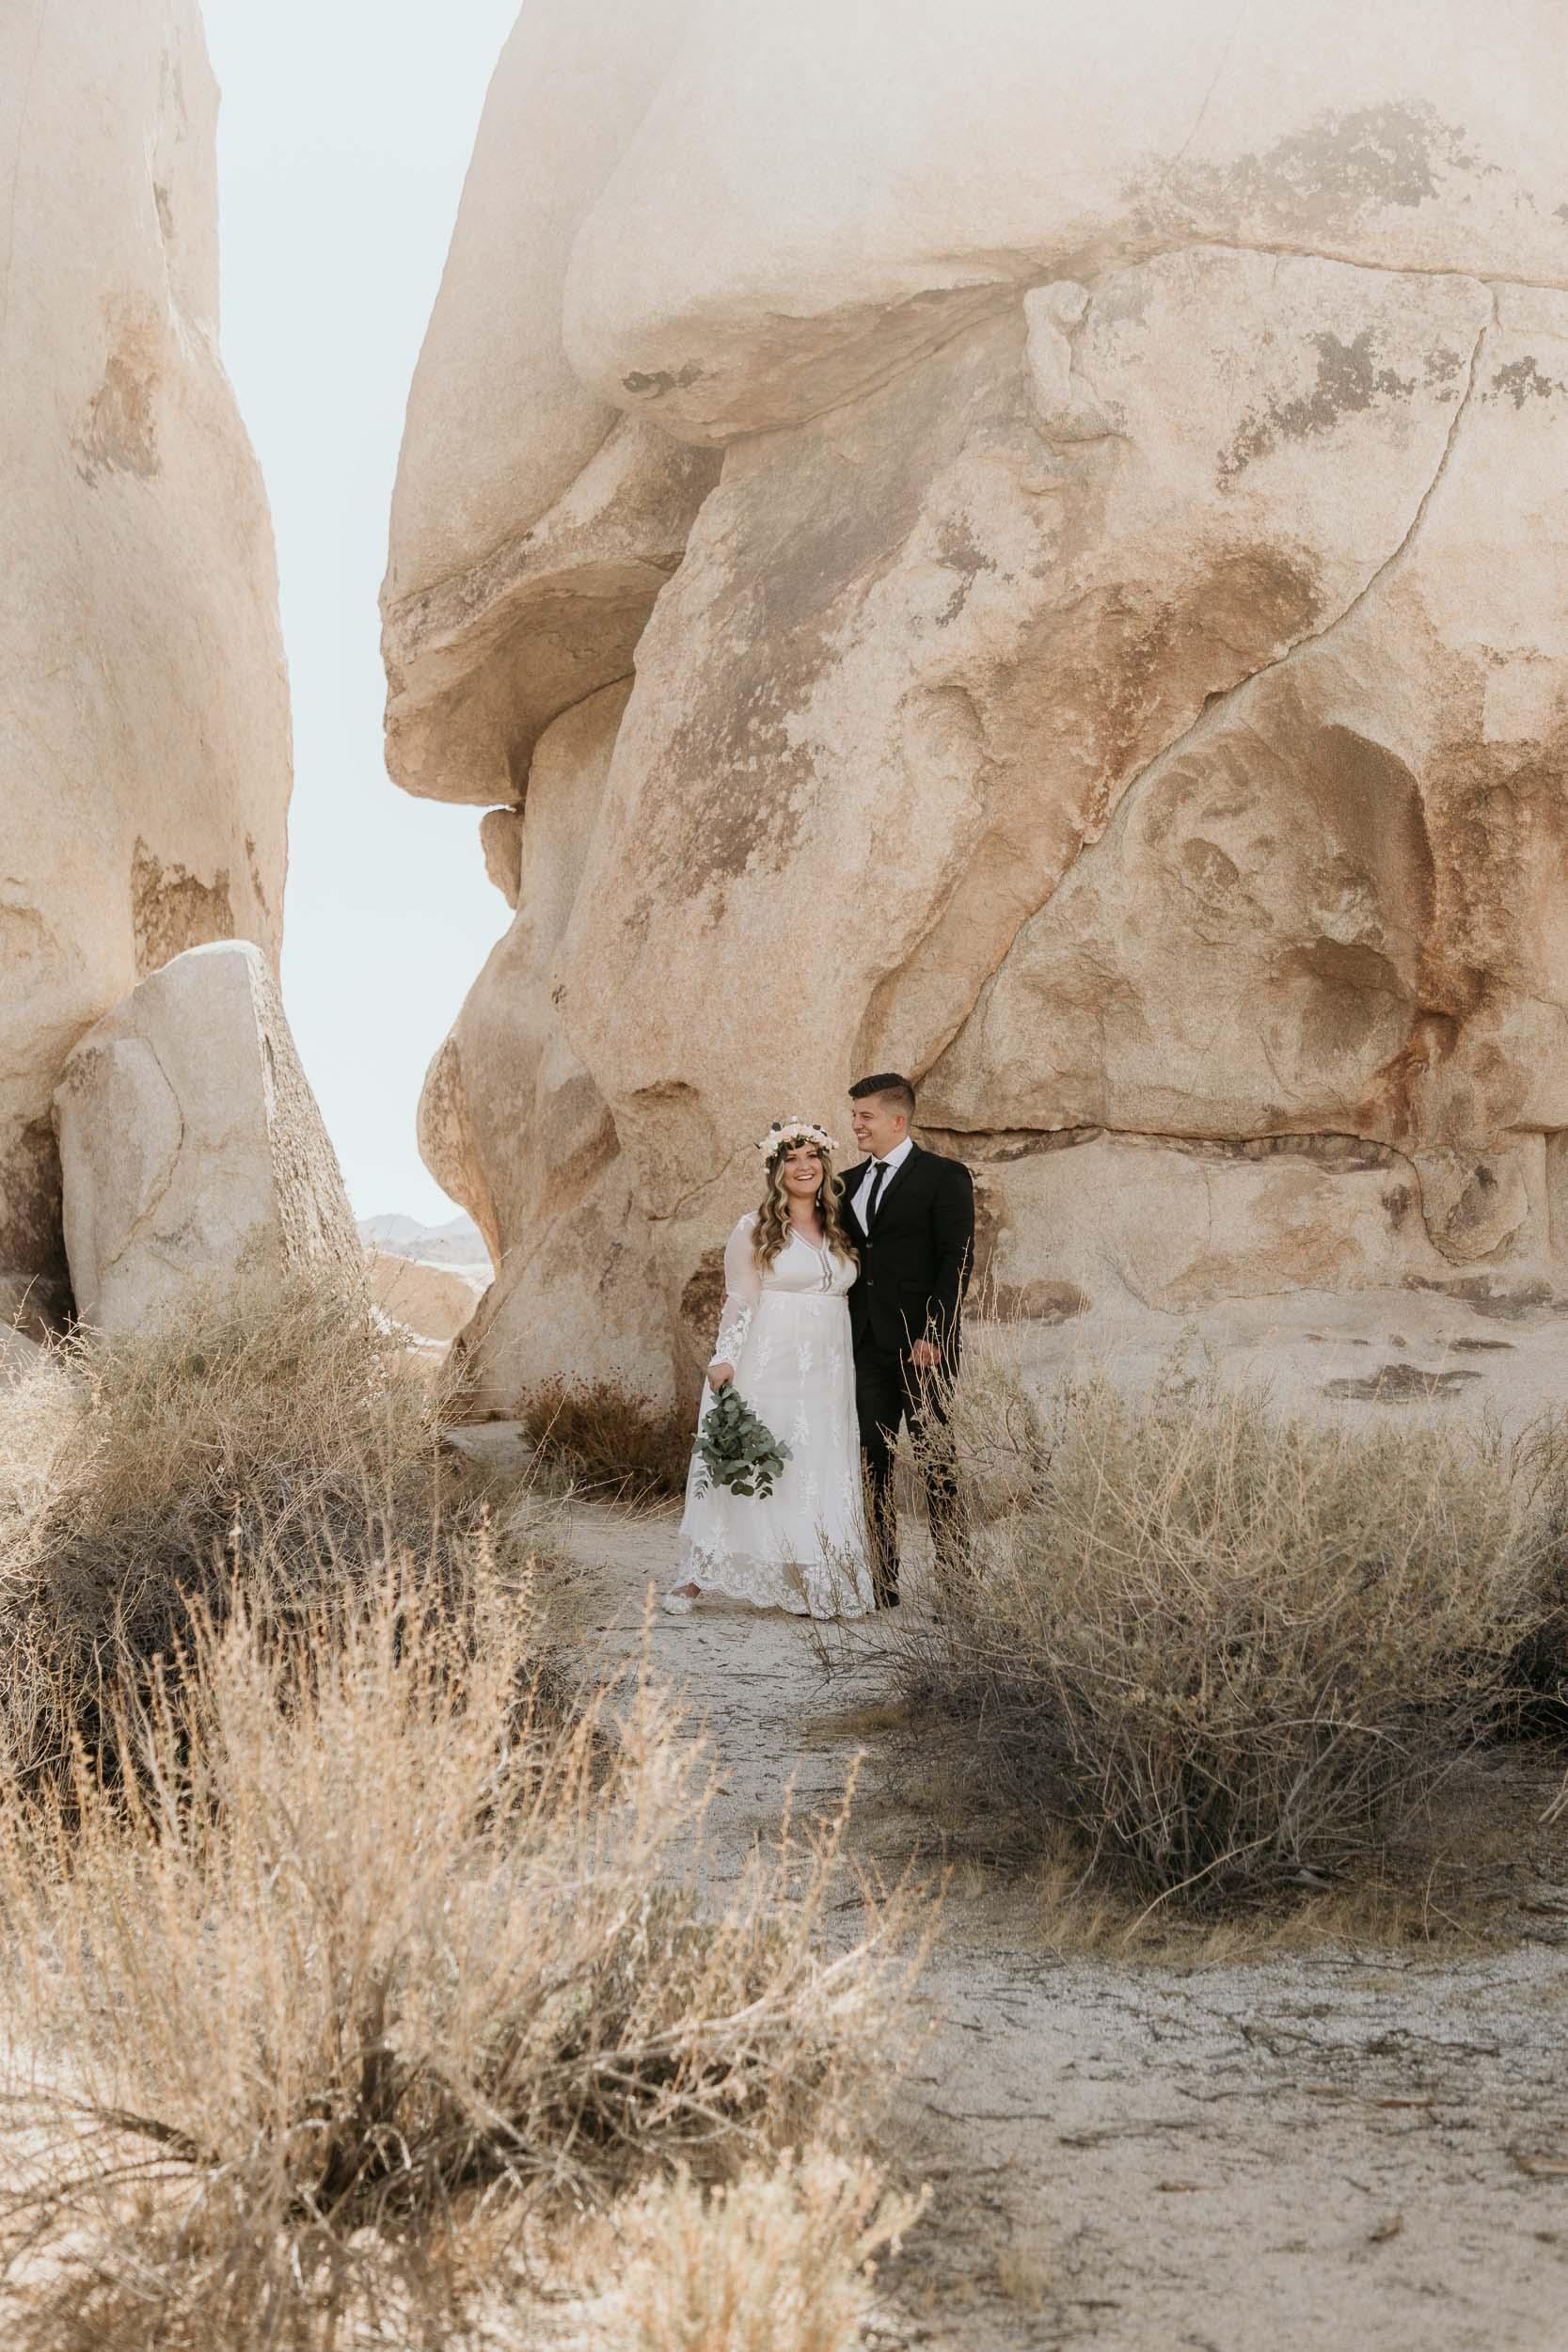 intimate-wedding-elopement-photographer-ottawa-joshua-tree-0002.jpg